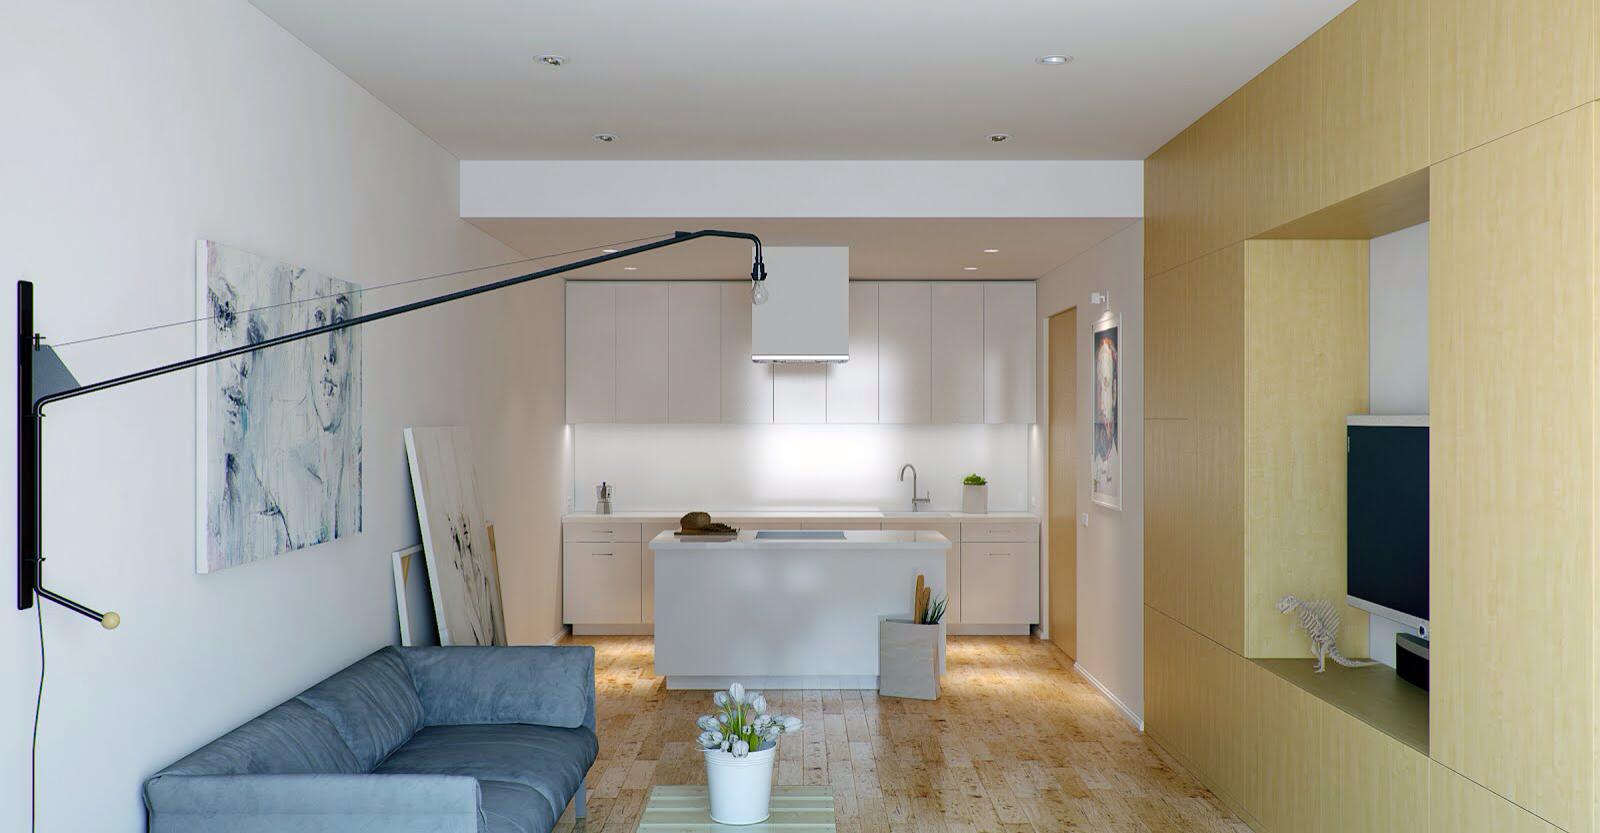 Дизайн квартиры-студии - 25 фото: интерьеры квартир-студий ...